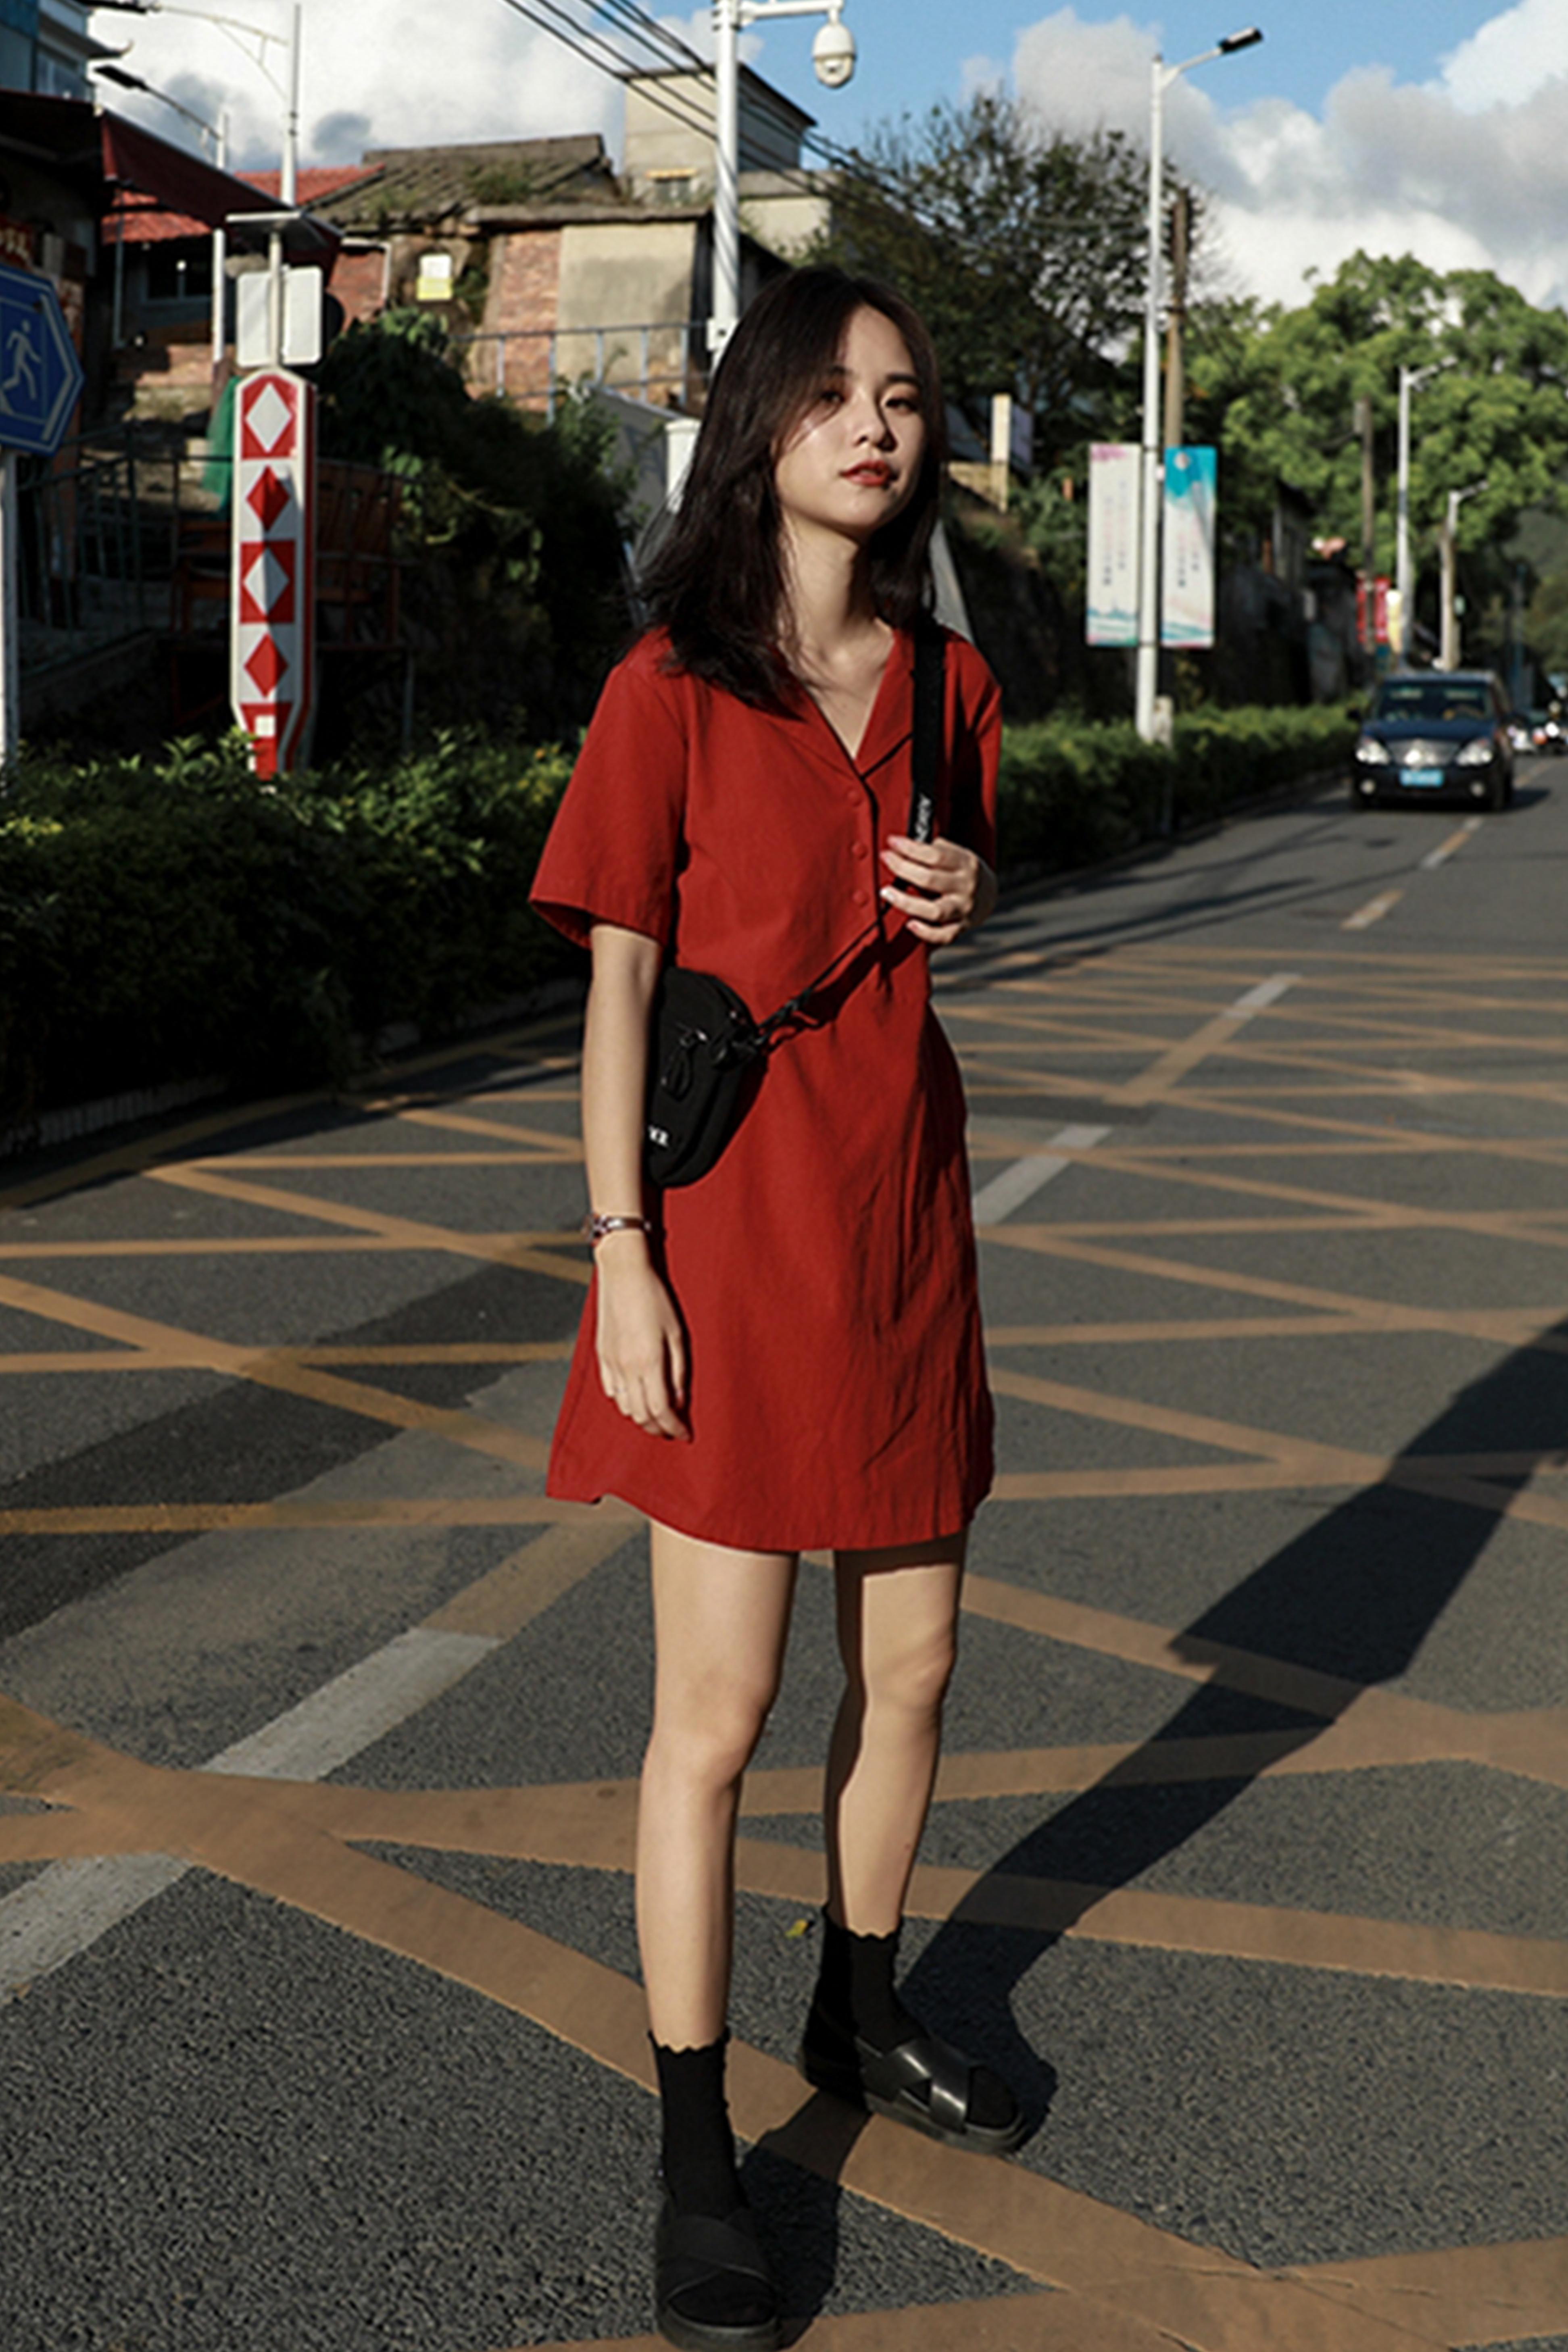 夏季新款港味系带收腰西装领短裙小清新学生气质短袖桔梗连衣裙女